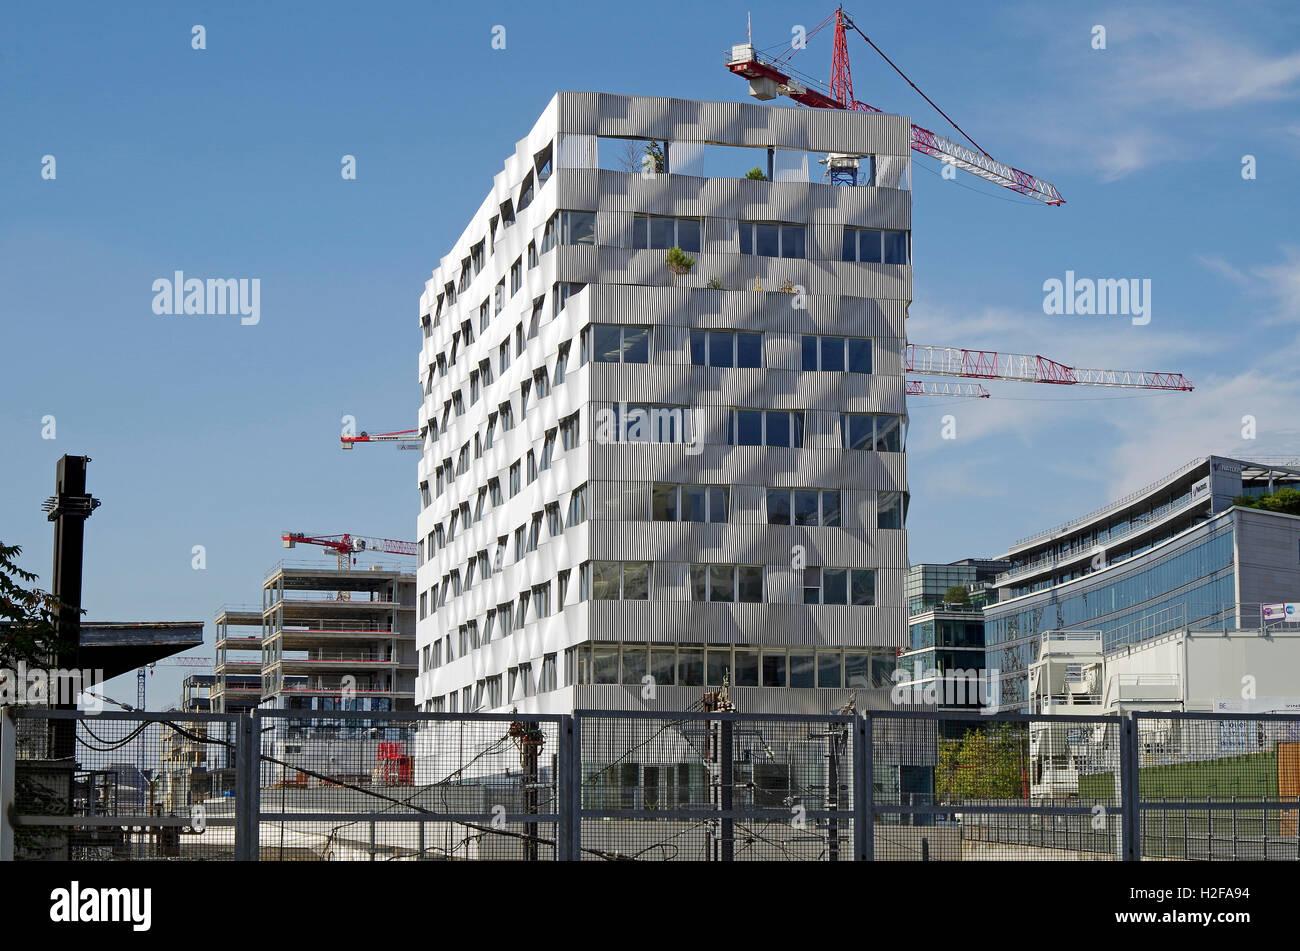 Paris France, Office building under construction - Stock Image